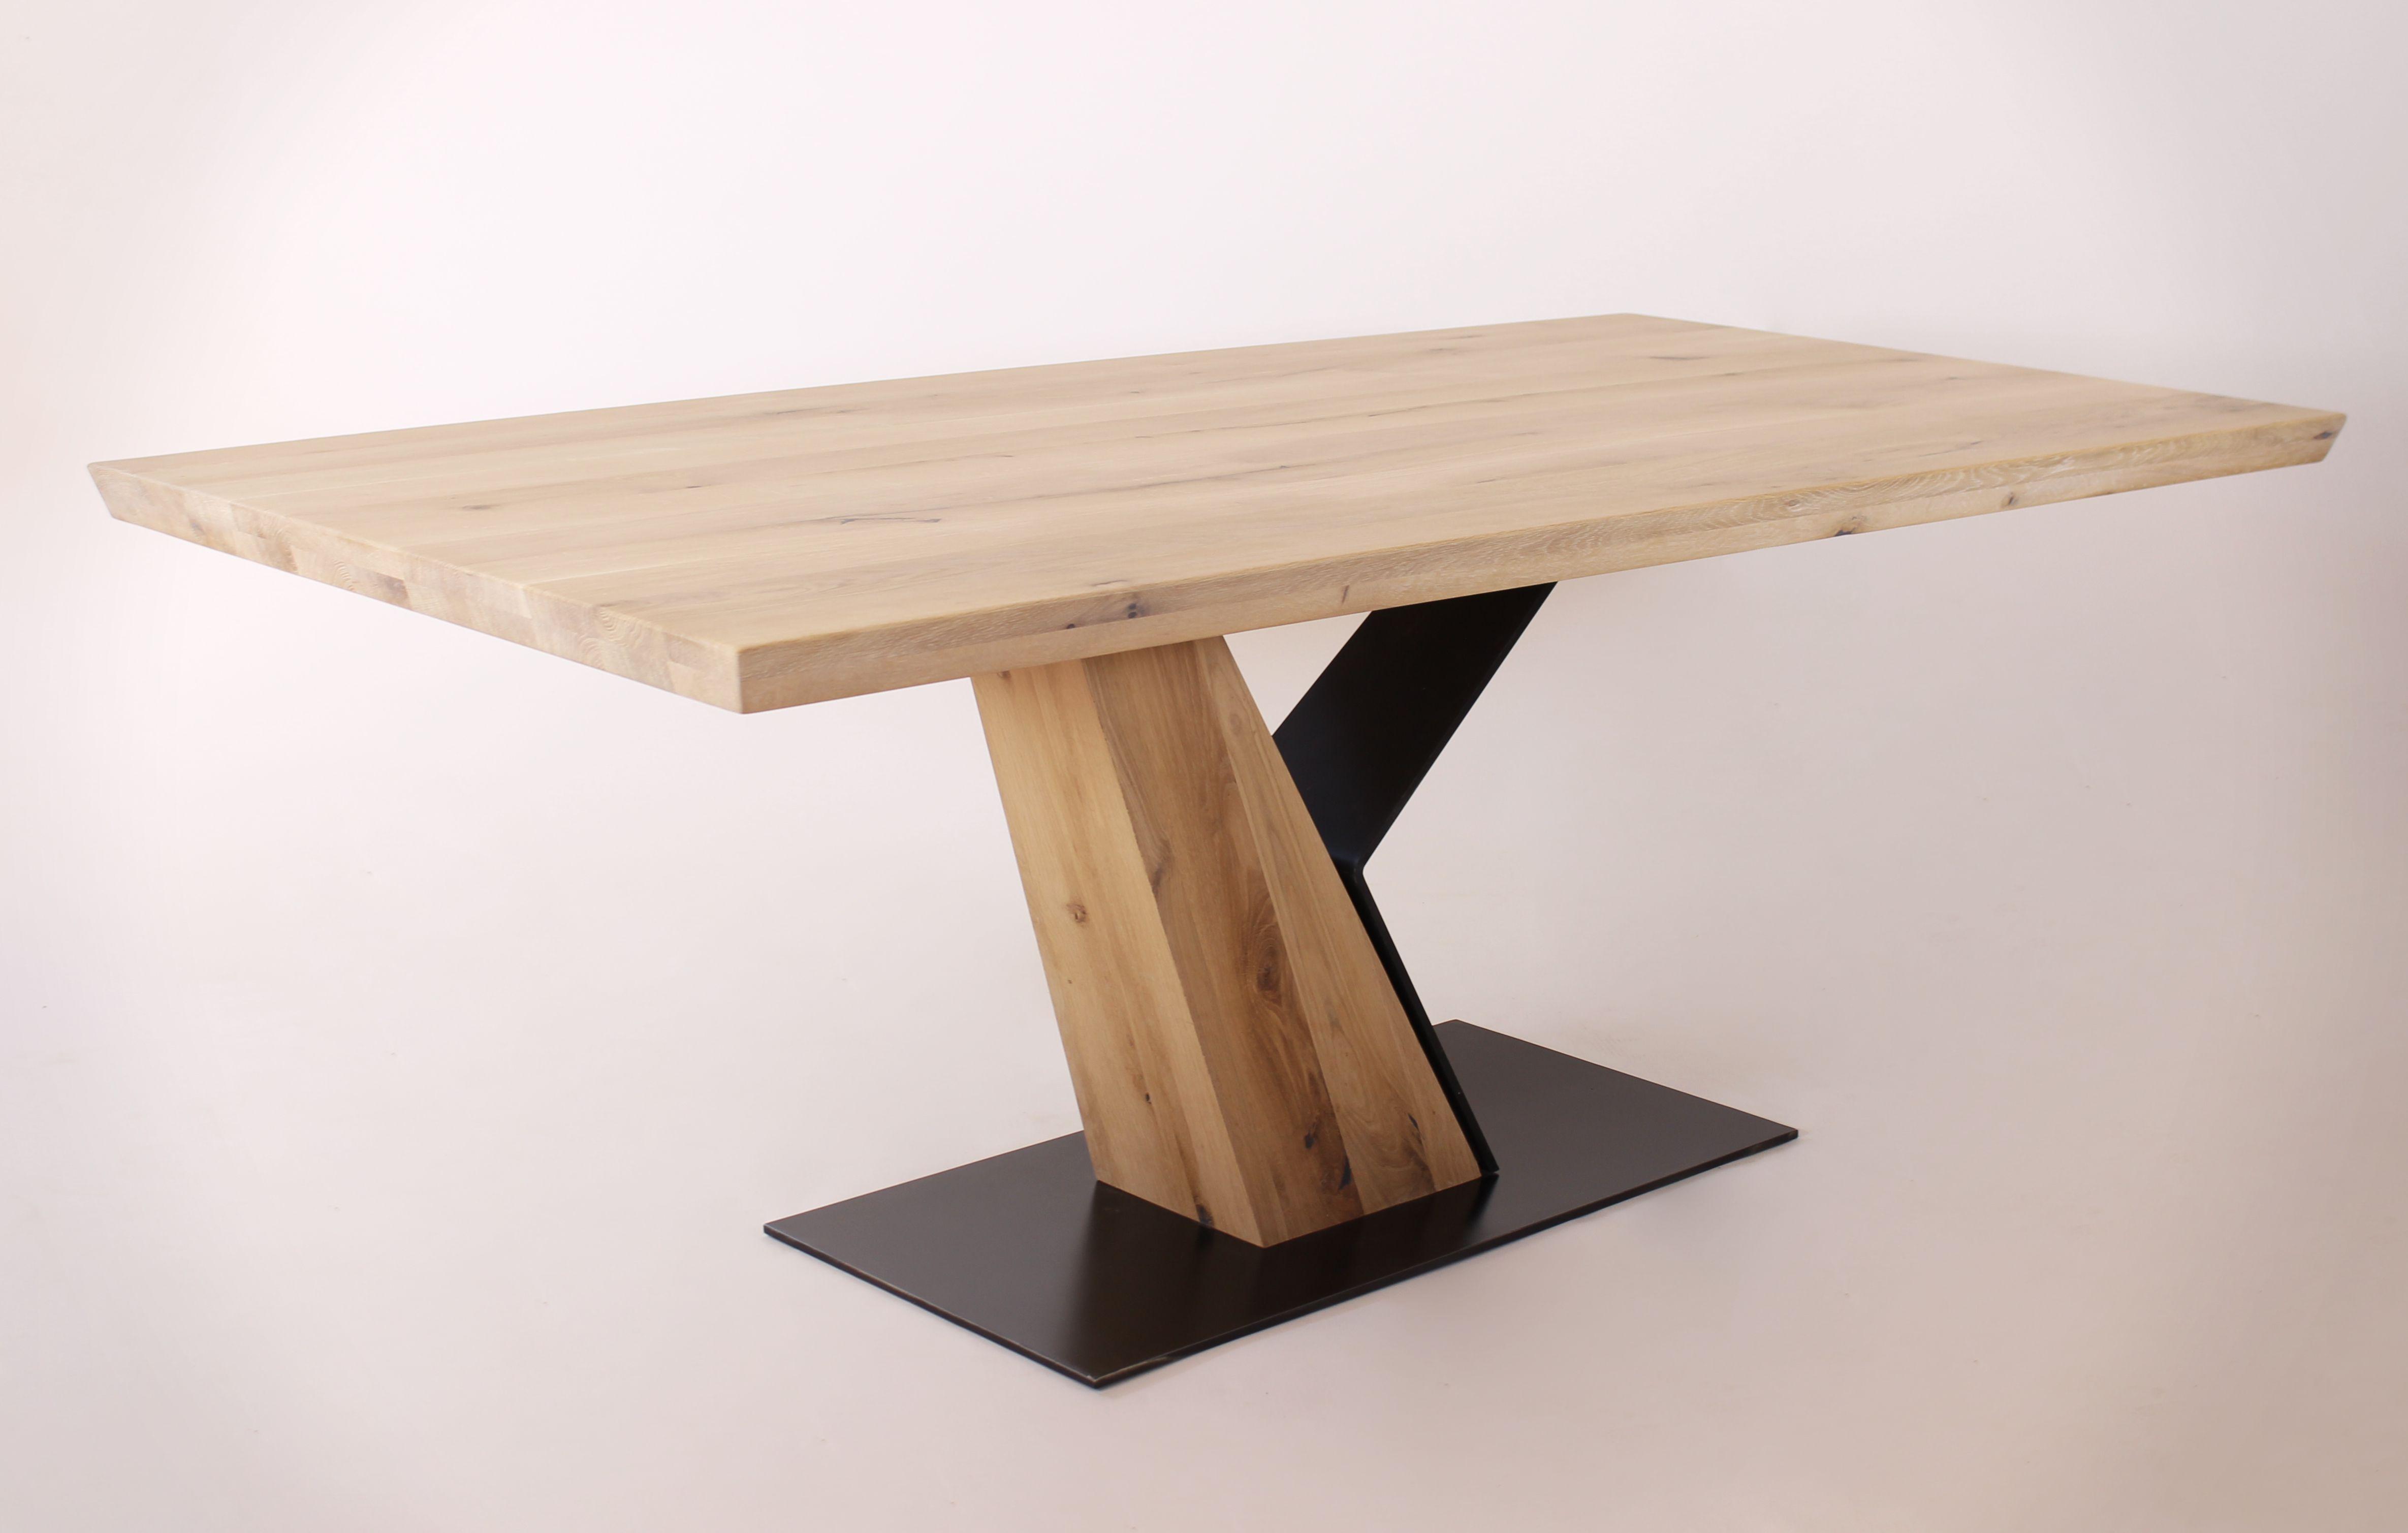 Esstische Aus Massivholz Nach Mass Naturnah Mobel Tisch Eiche Massiv Esstisch Wildeiche Massiv Tisch